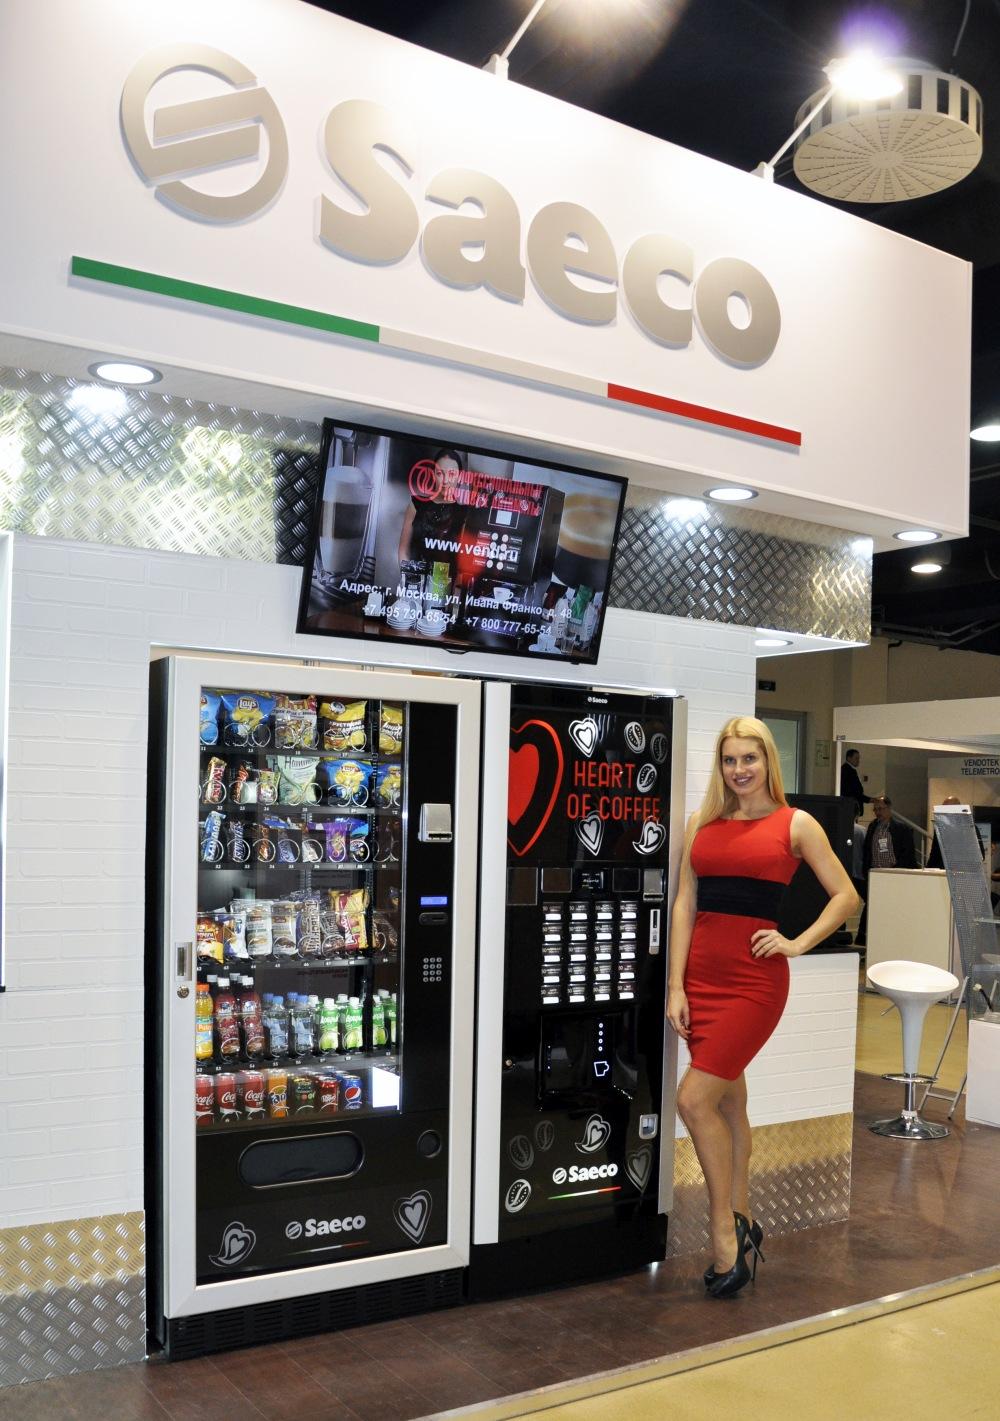 Новинки Saeco! Связка торговых автоматов  MegCold L + Atlante 700 Big Cups. VendExpo 2017 от 03.03.2017 21:00:00